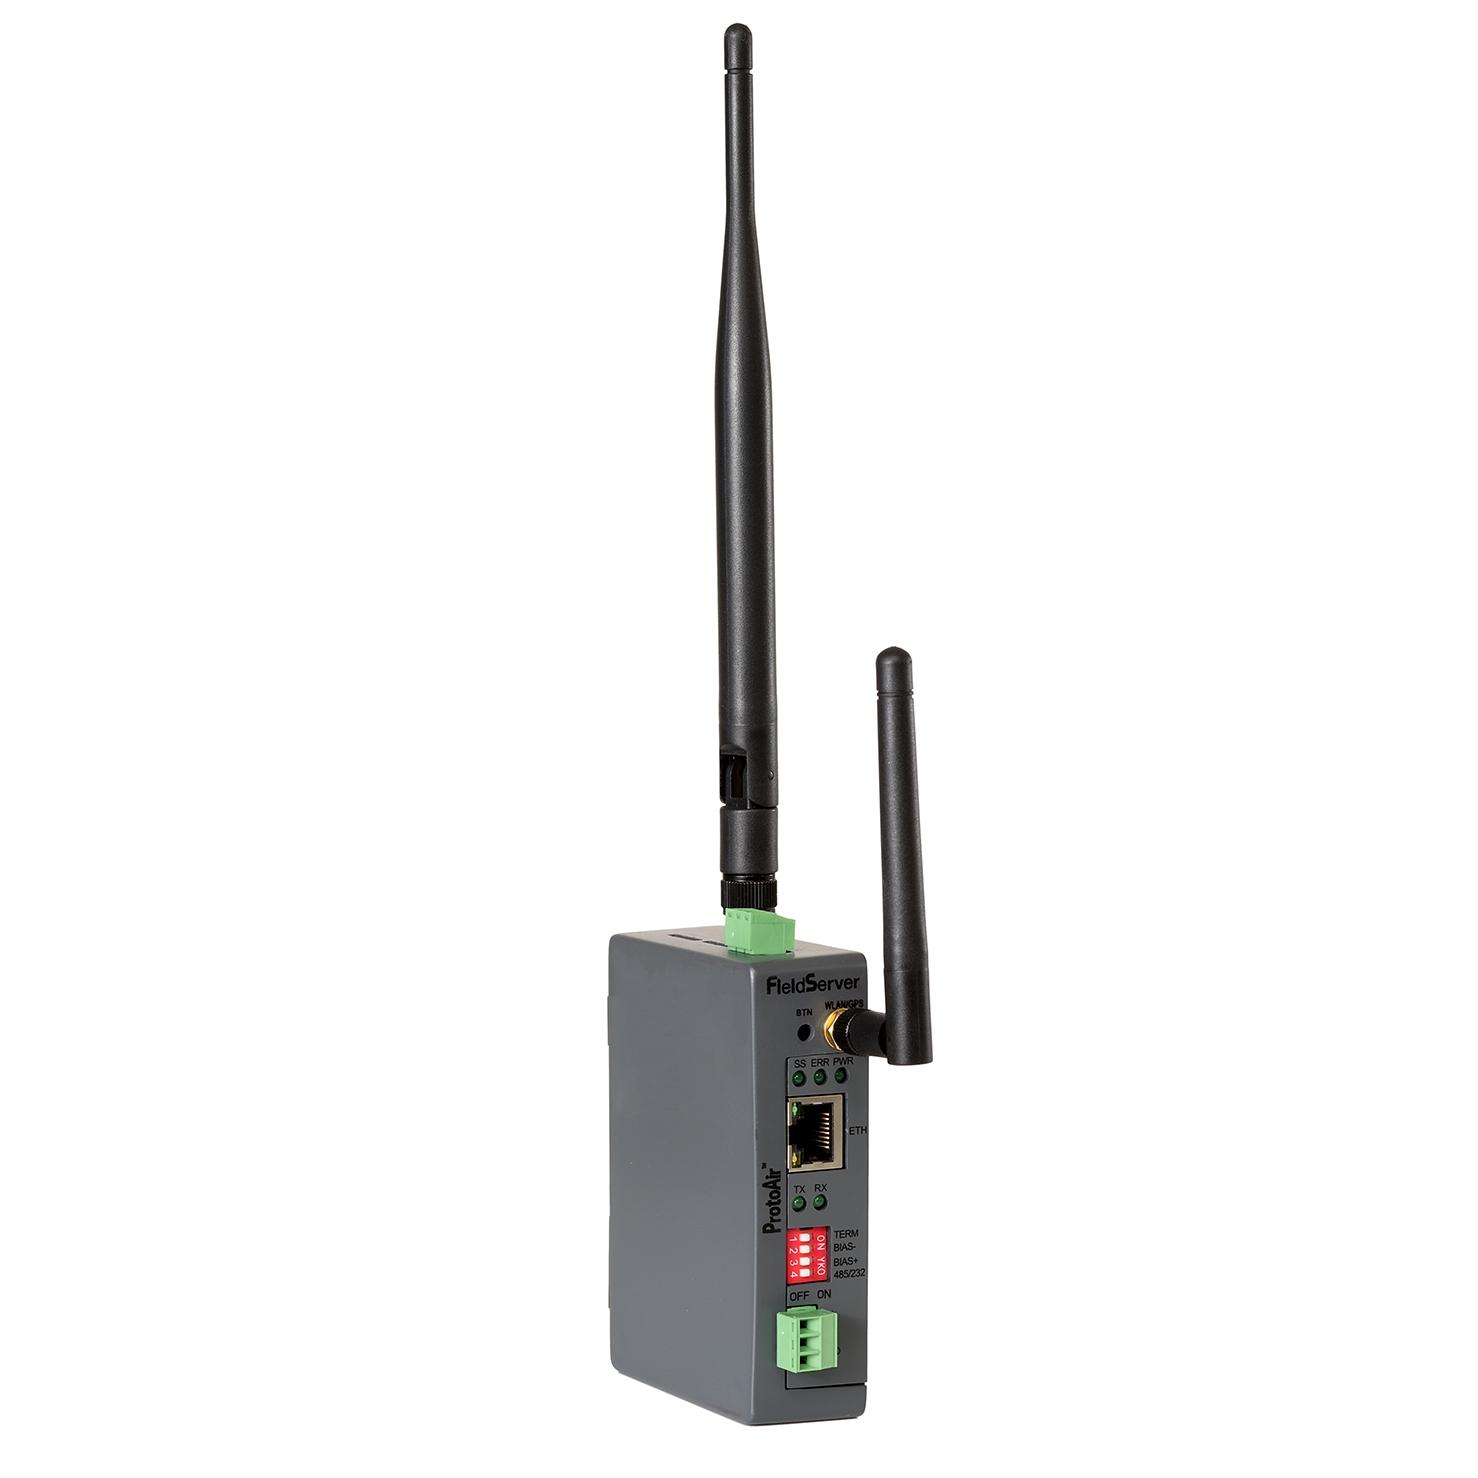 MODBUS : ProtoAir™ wifi Cellular Router